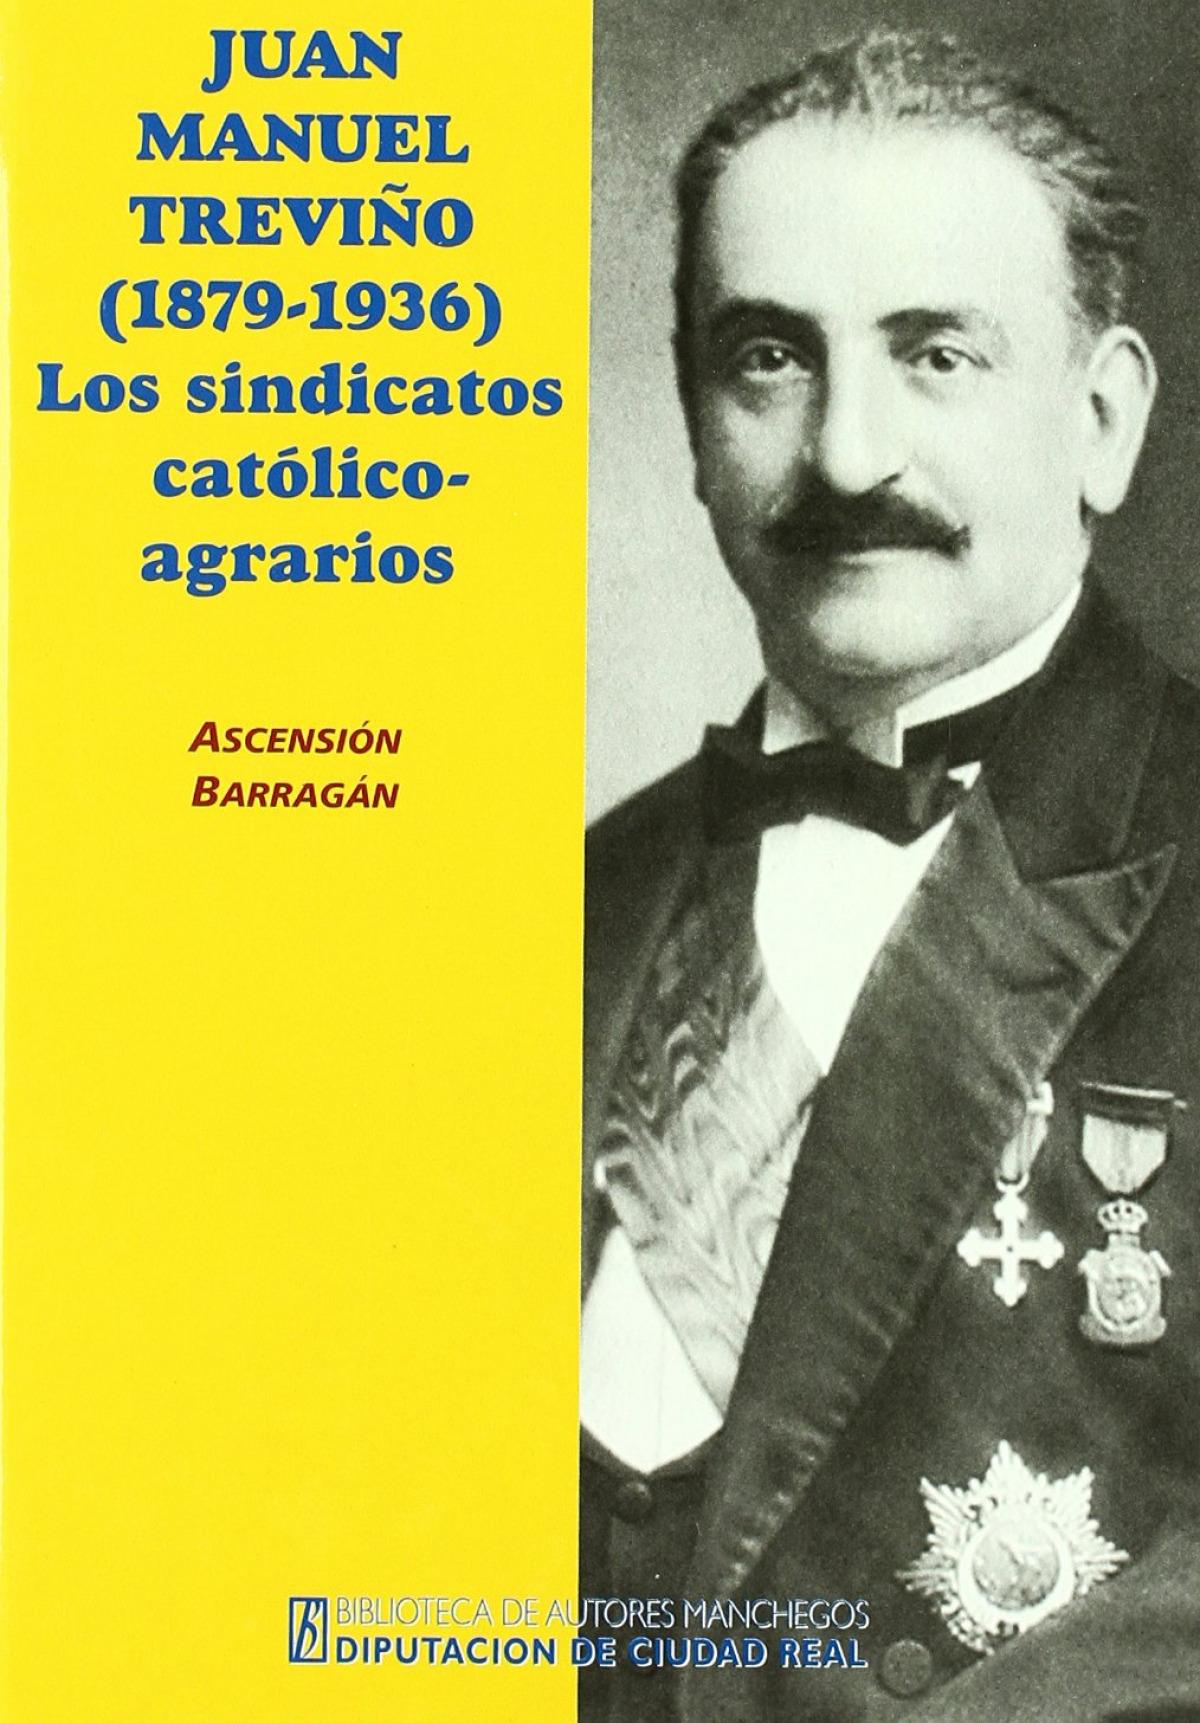 Don Juan Manuel Treviño, V Marqués de Casa Treviño Gotor (1879-1936) los sindicatos católico-agrarios - Barragán Morales, Ascensión